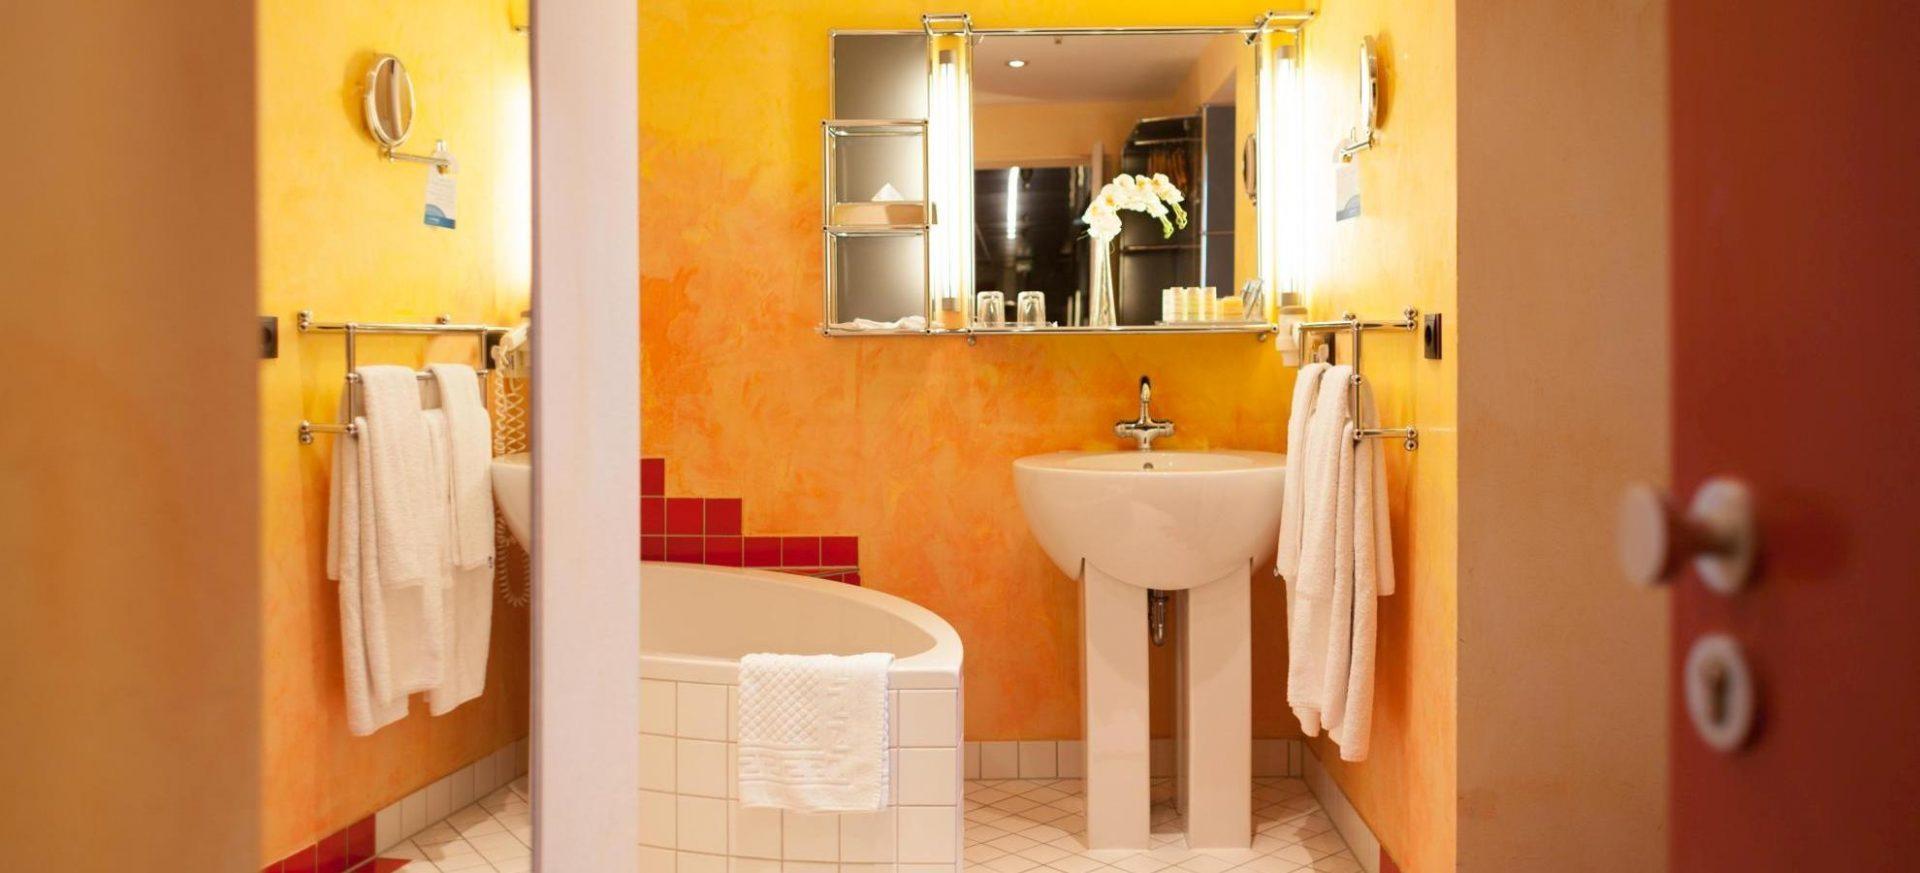 Radisson Blu Hotel Erfurt Business Class Zimmer Badezimmer